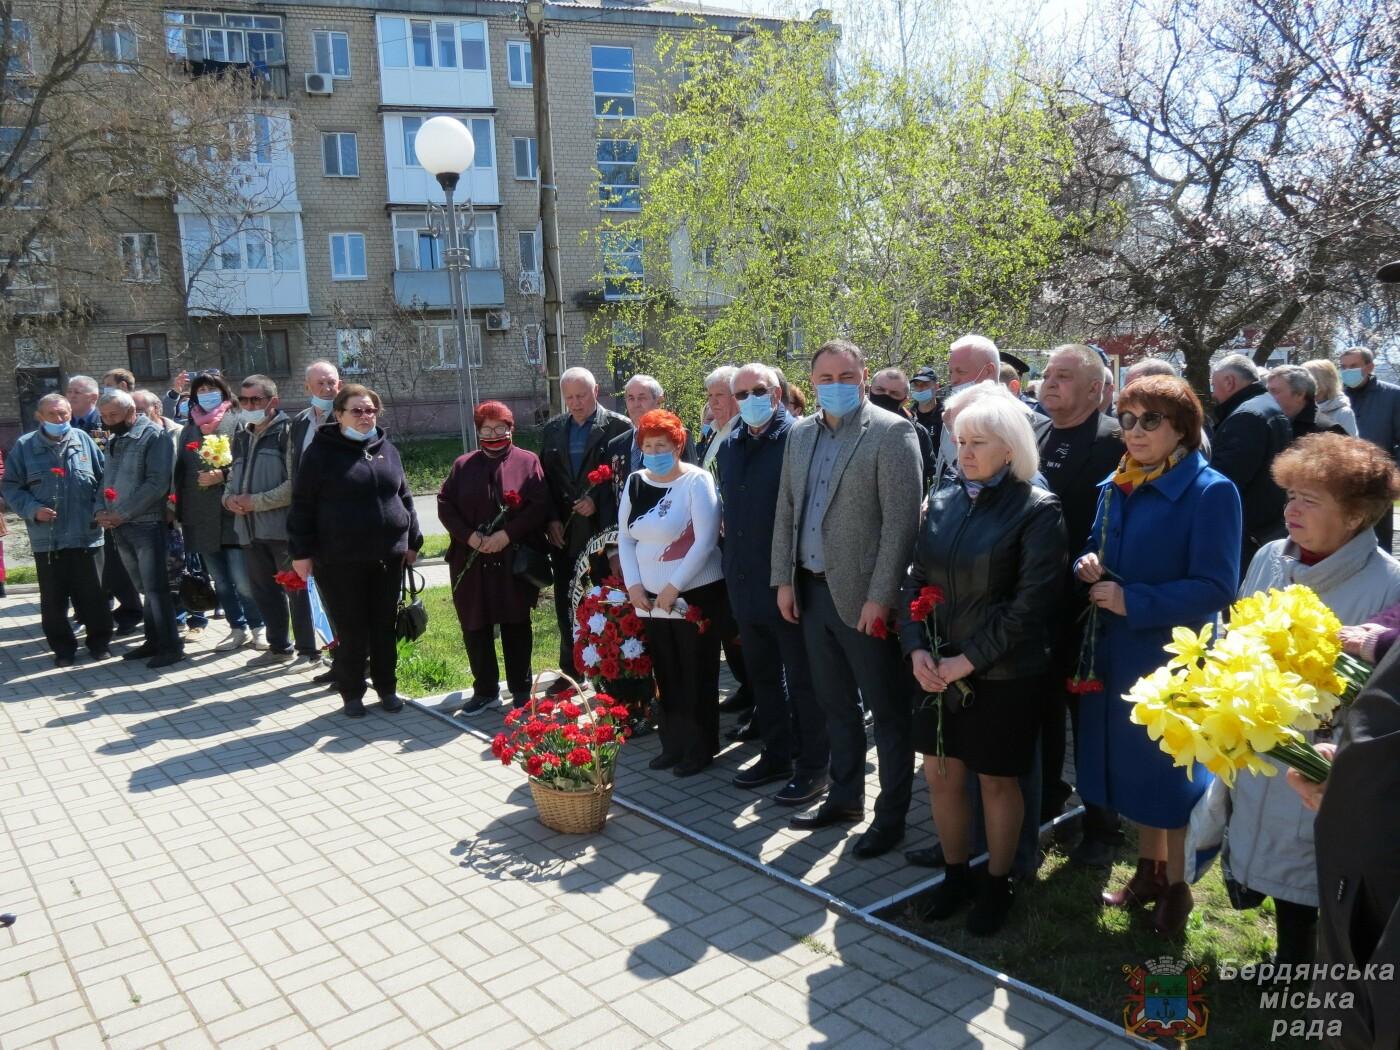 В Бердянске прошел митинг к 35-й годовщины аварии на Чернобыльской атомной электростанции, фото-1